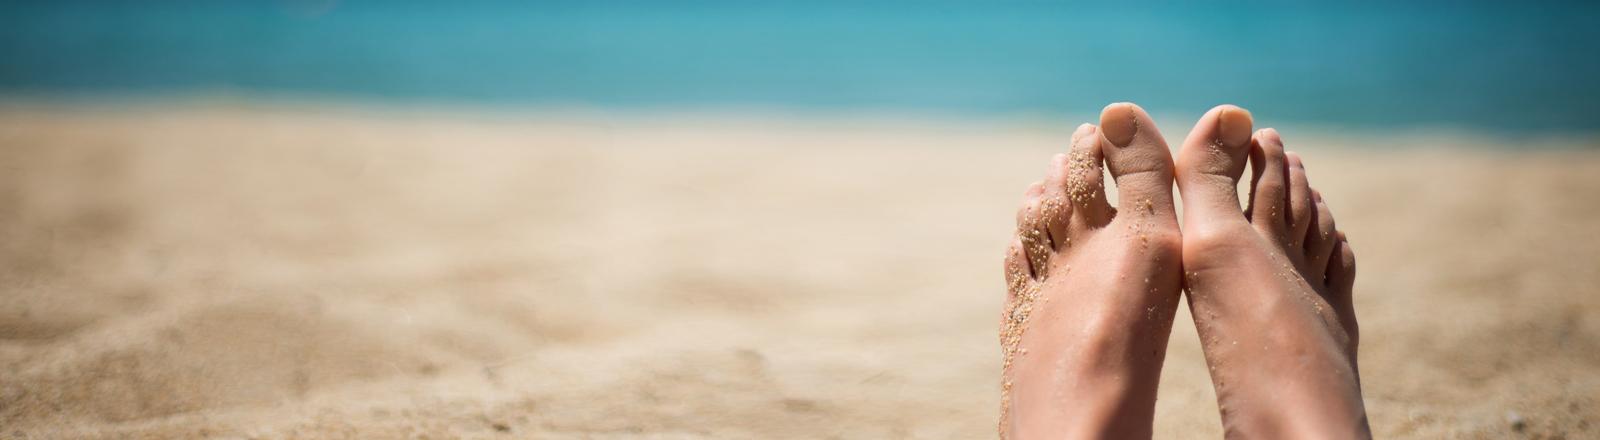 Zwei nackte Füße, ein Strand, herrliches, blaues Wasser. Sieht nach Urlaub aus.